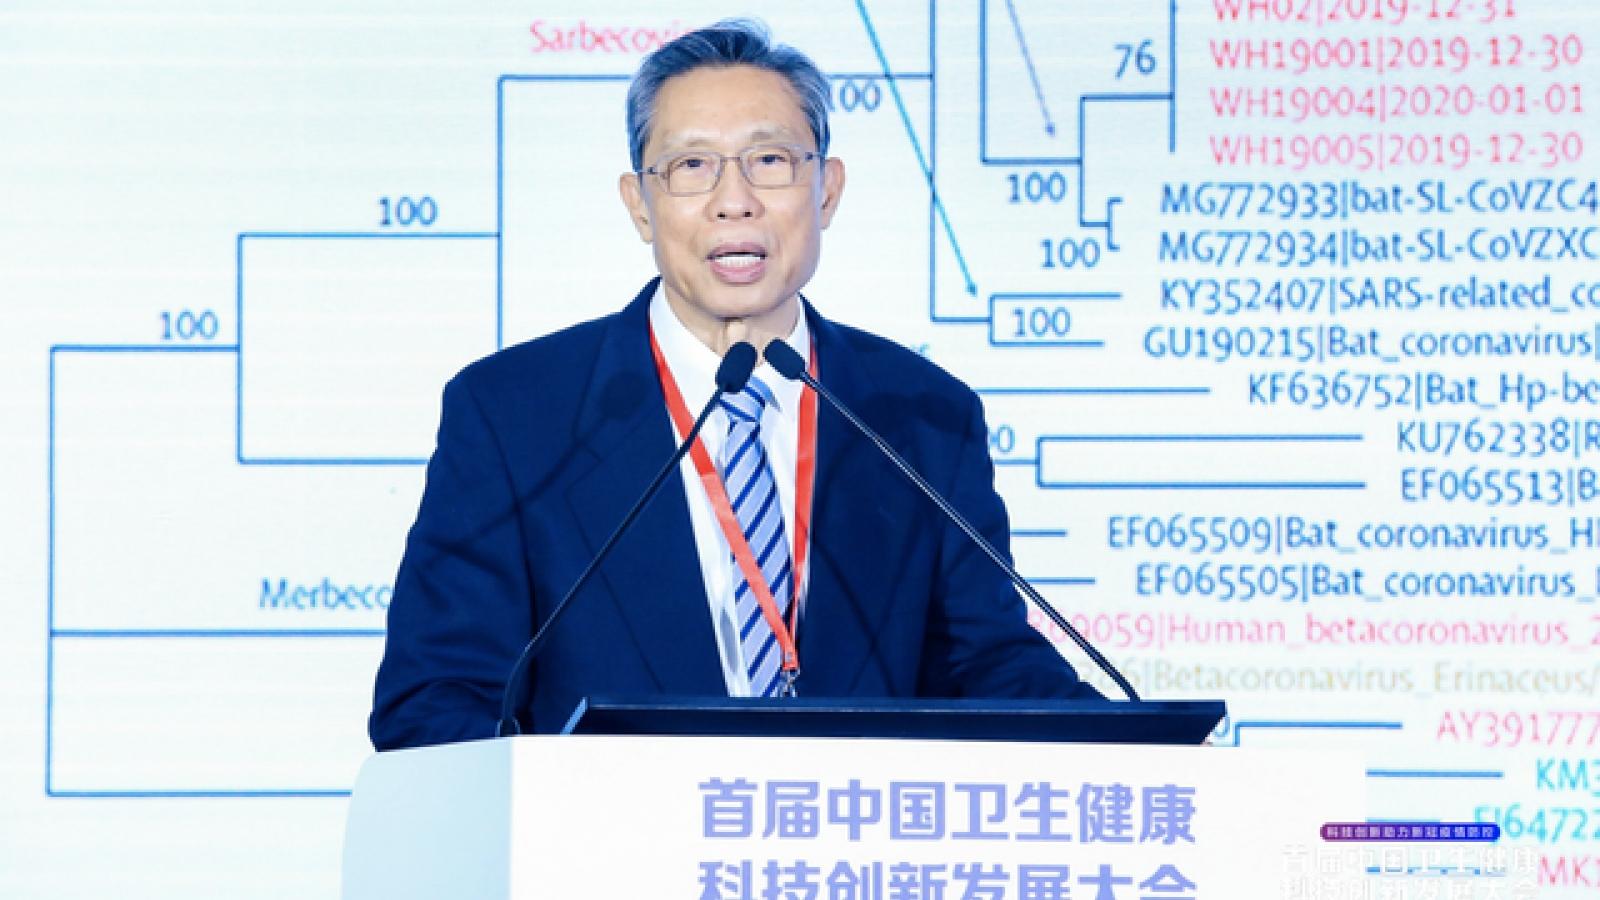 Trung Quốc phát hiện các ca đồng thời mắc Covid-19 và cúm mùa